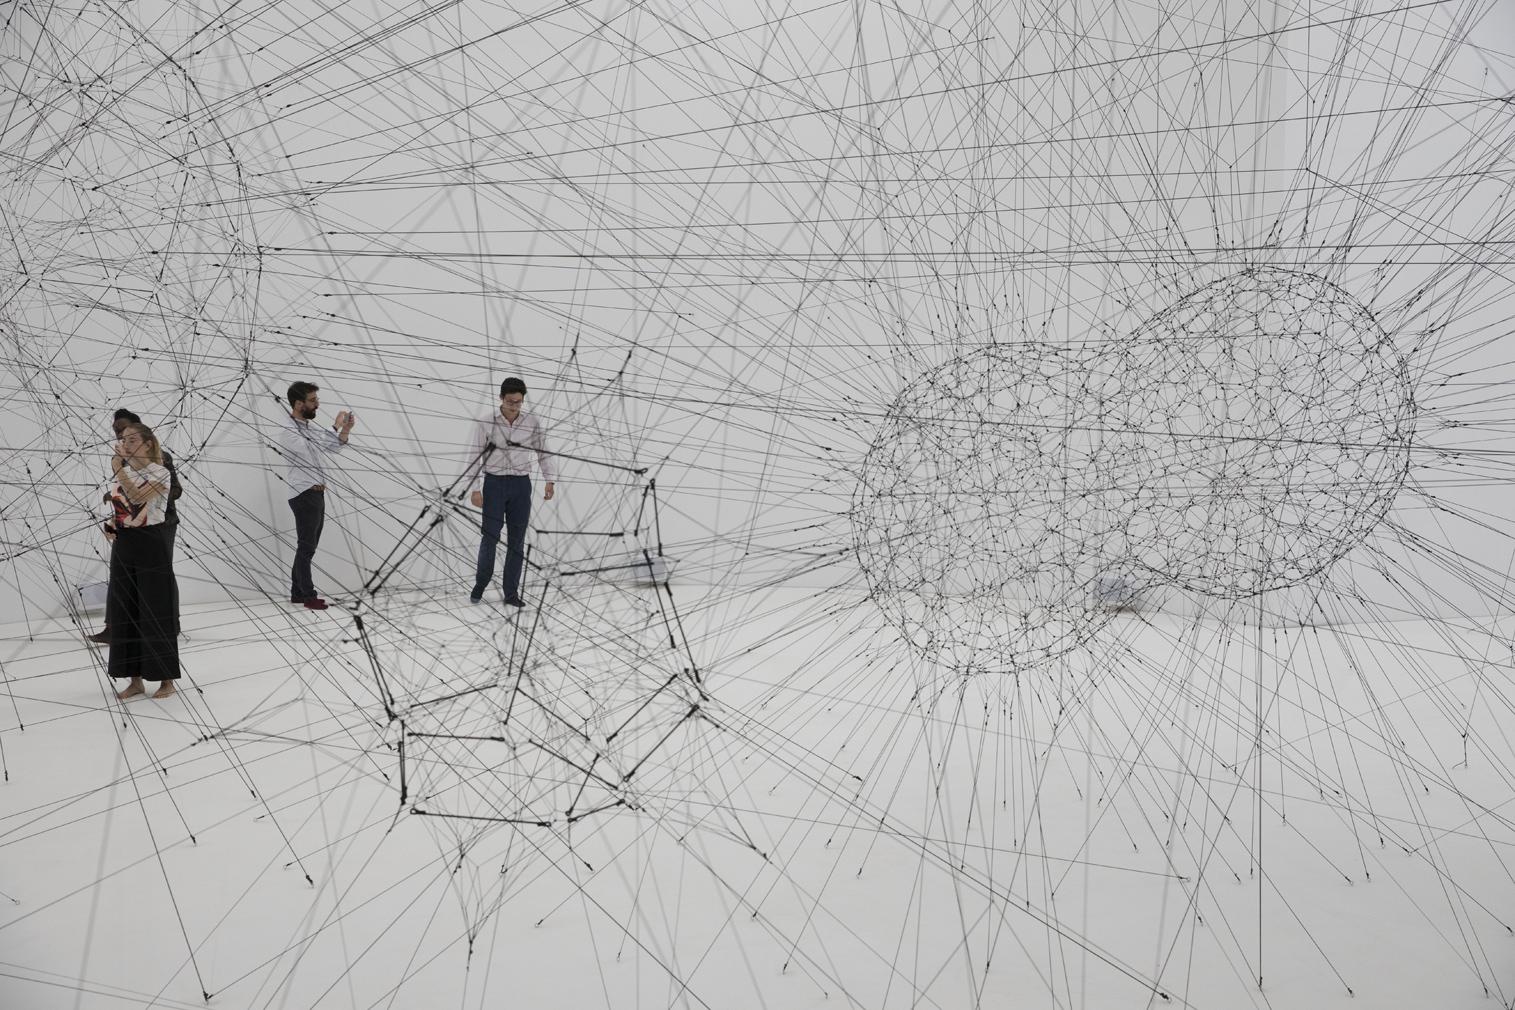 Tomás Saraceno spins a 'cosmic' spiderweb inside Paris' Palais de Tokyo